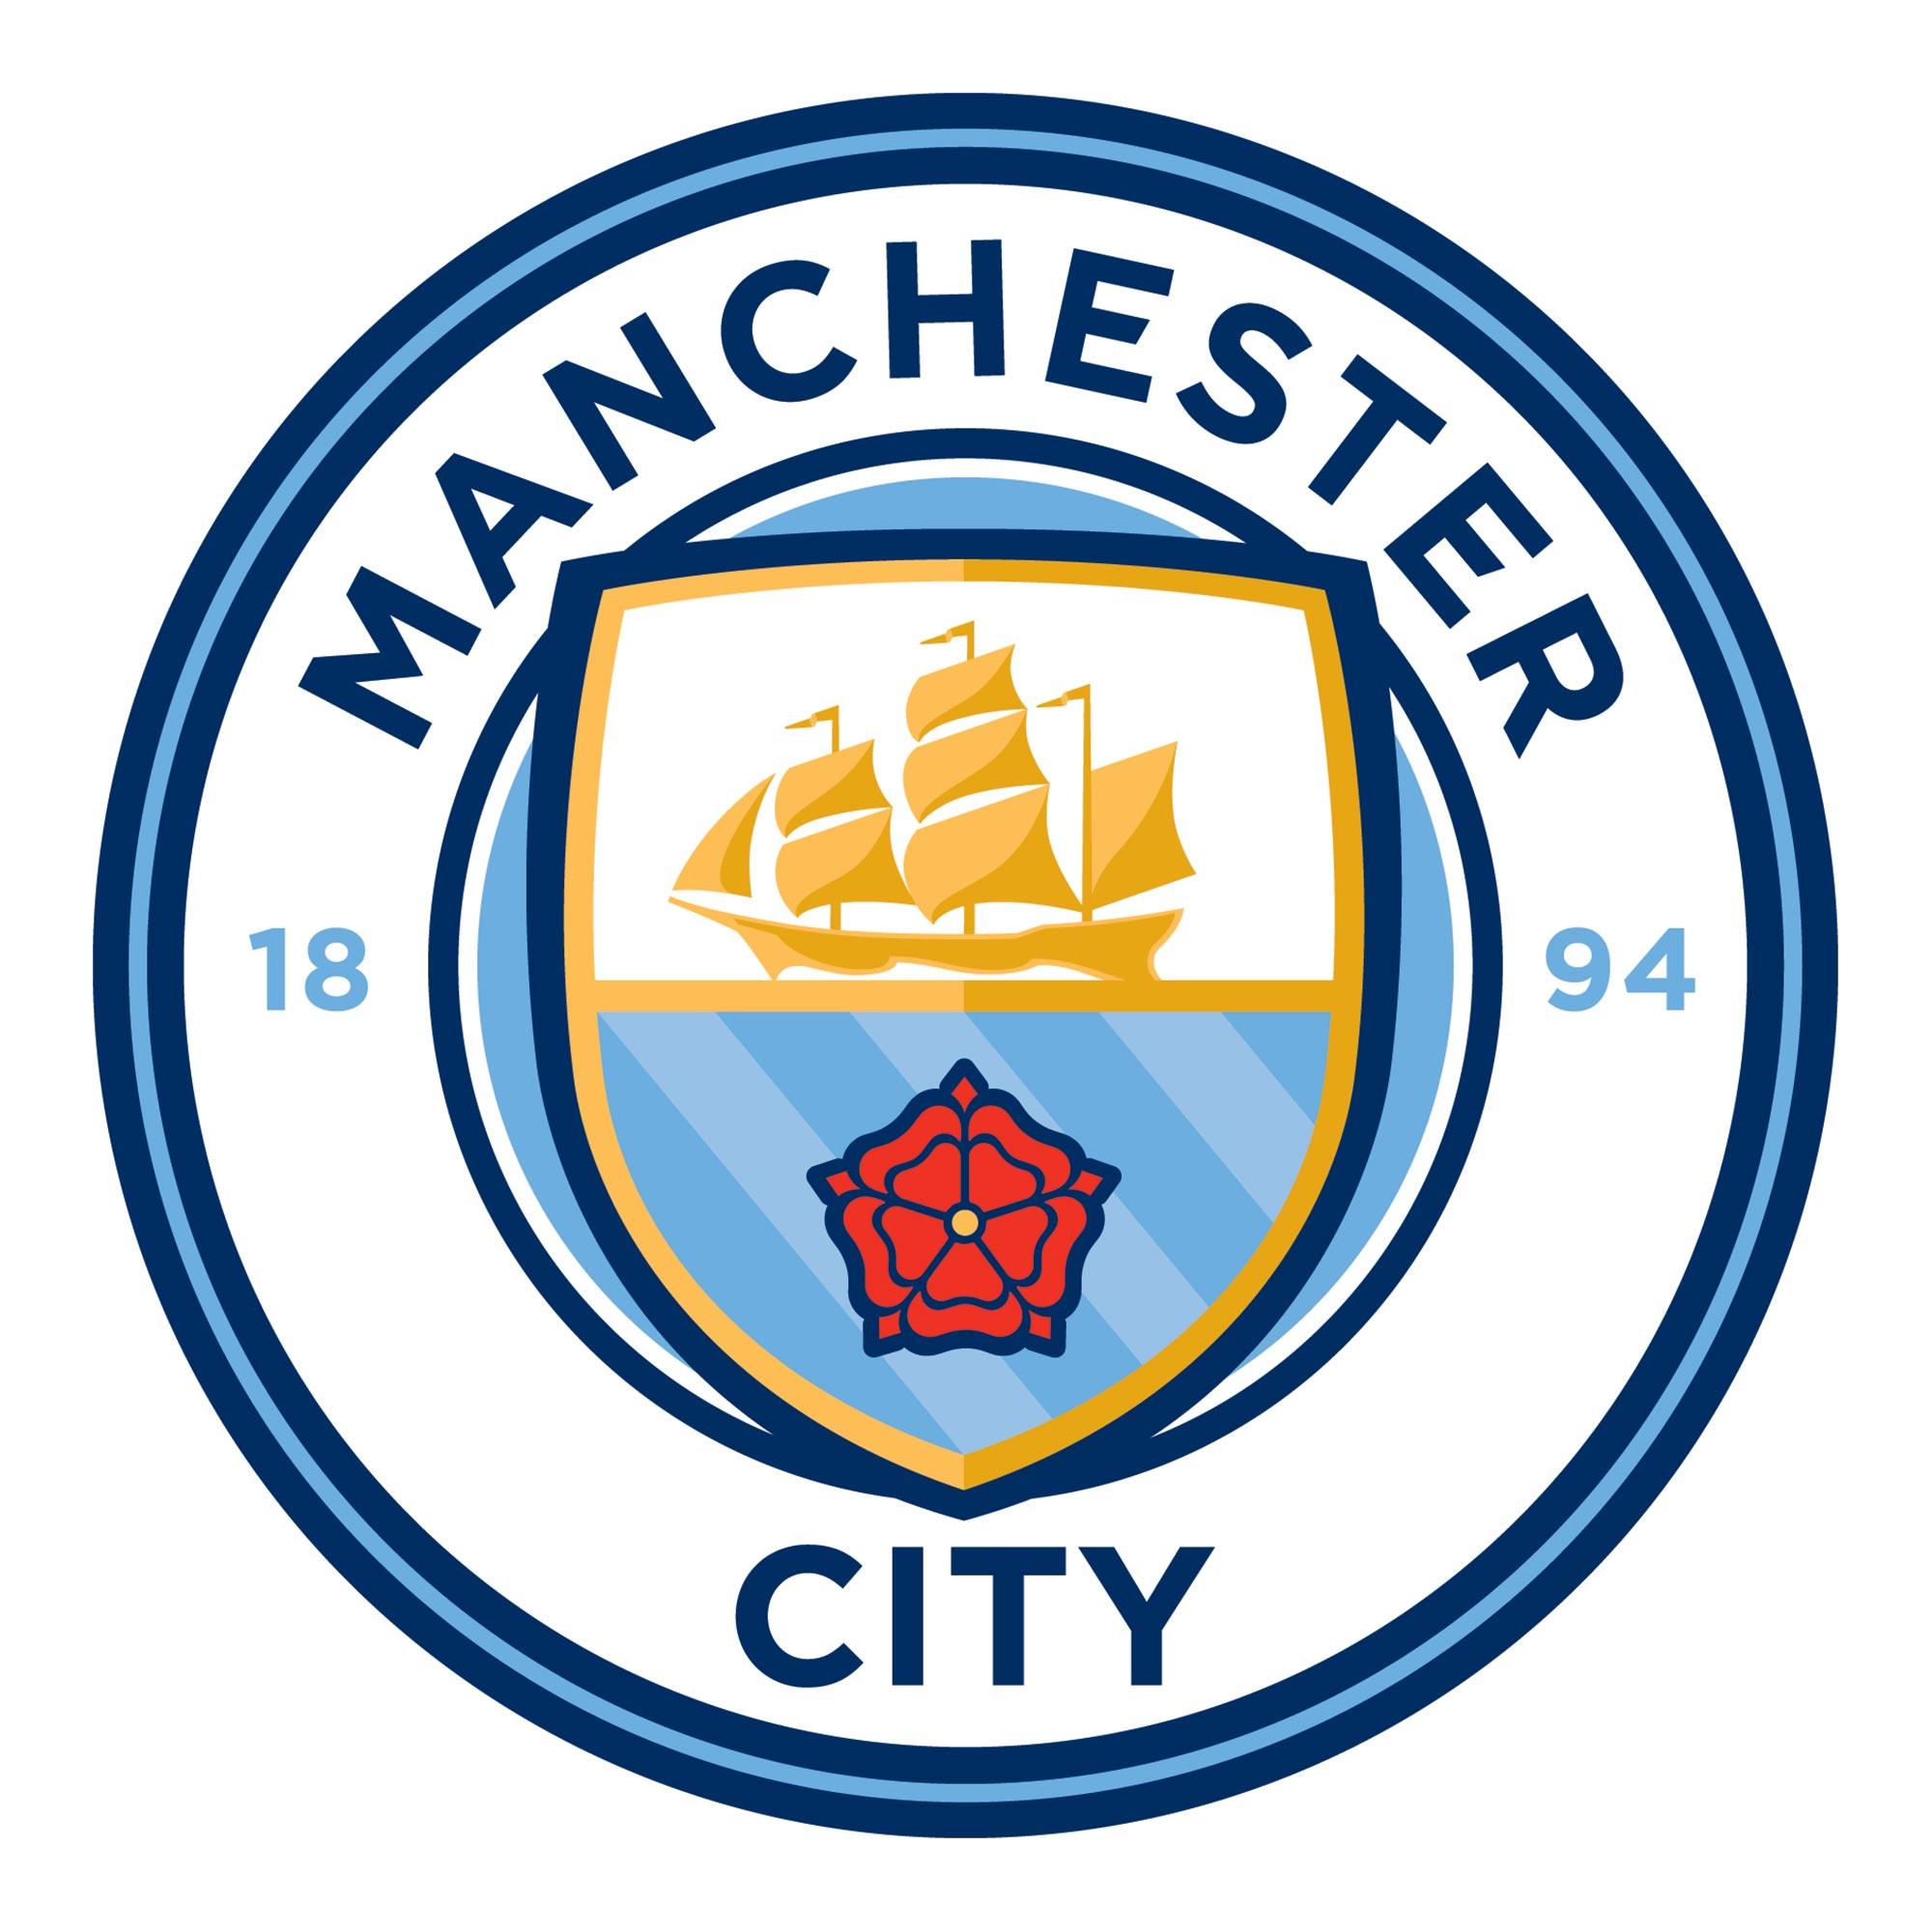 Manchester City Crest Wall Sticker - 60 x 60cm